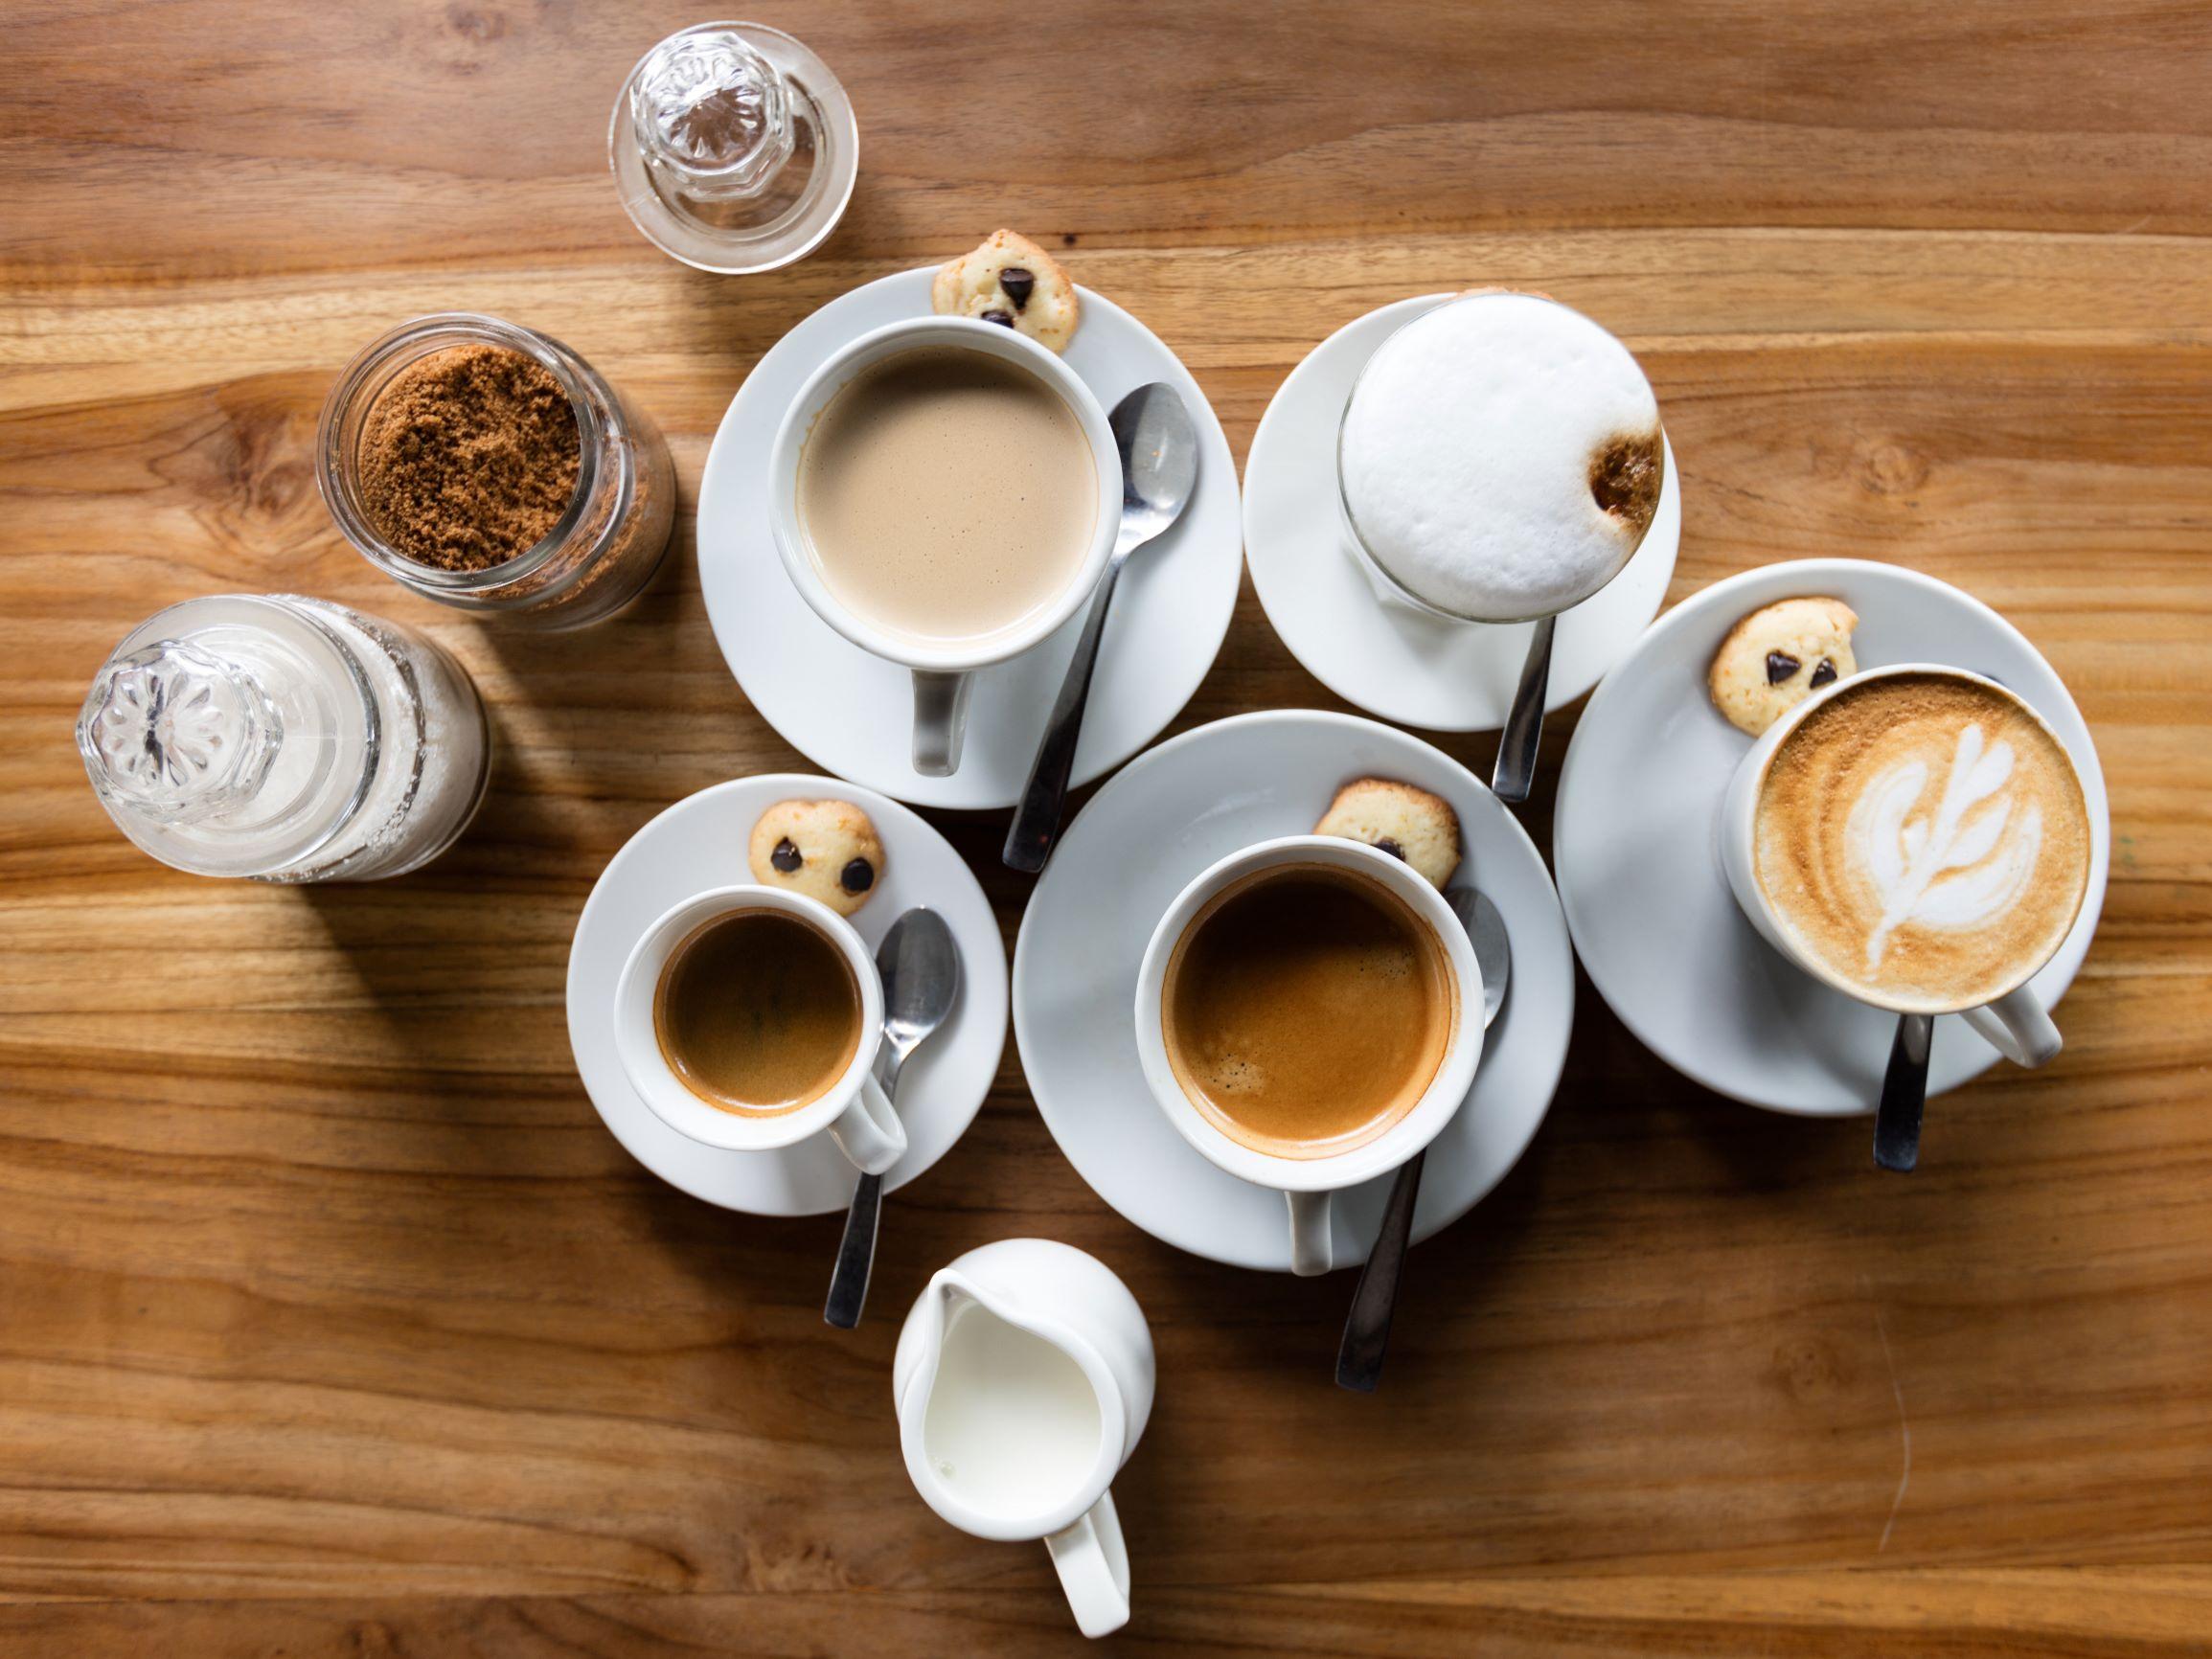 best-coffee-maker-in-2021